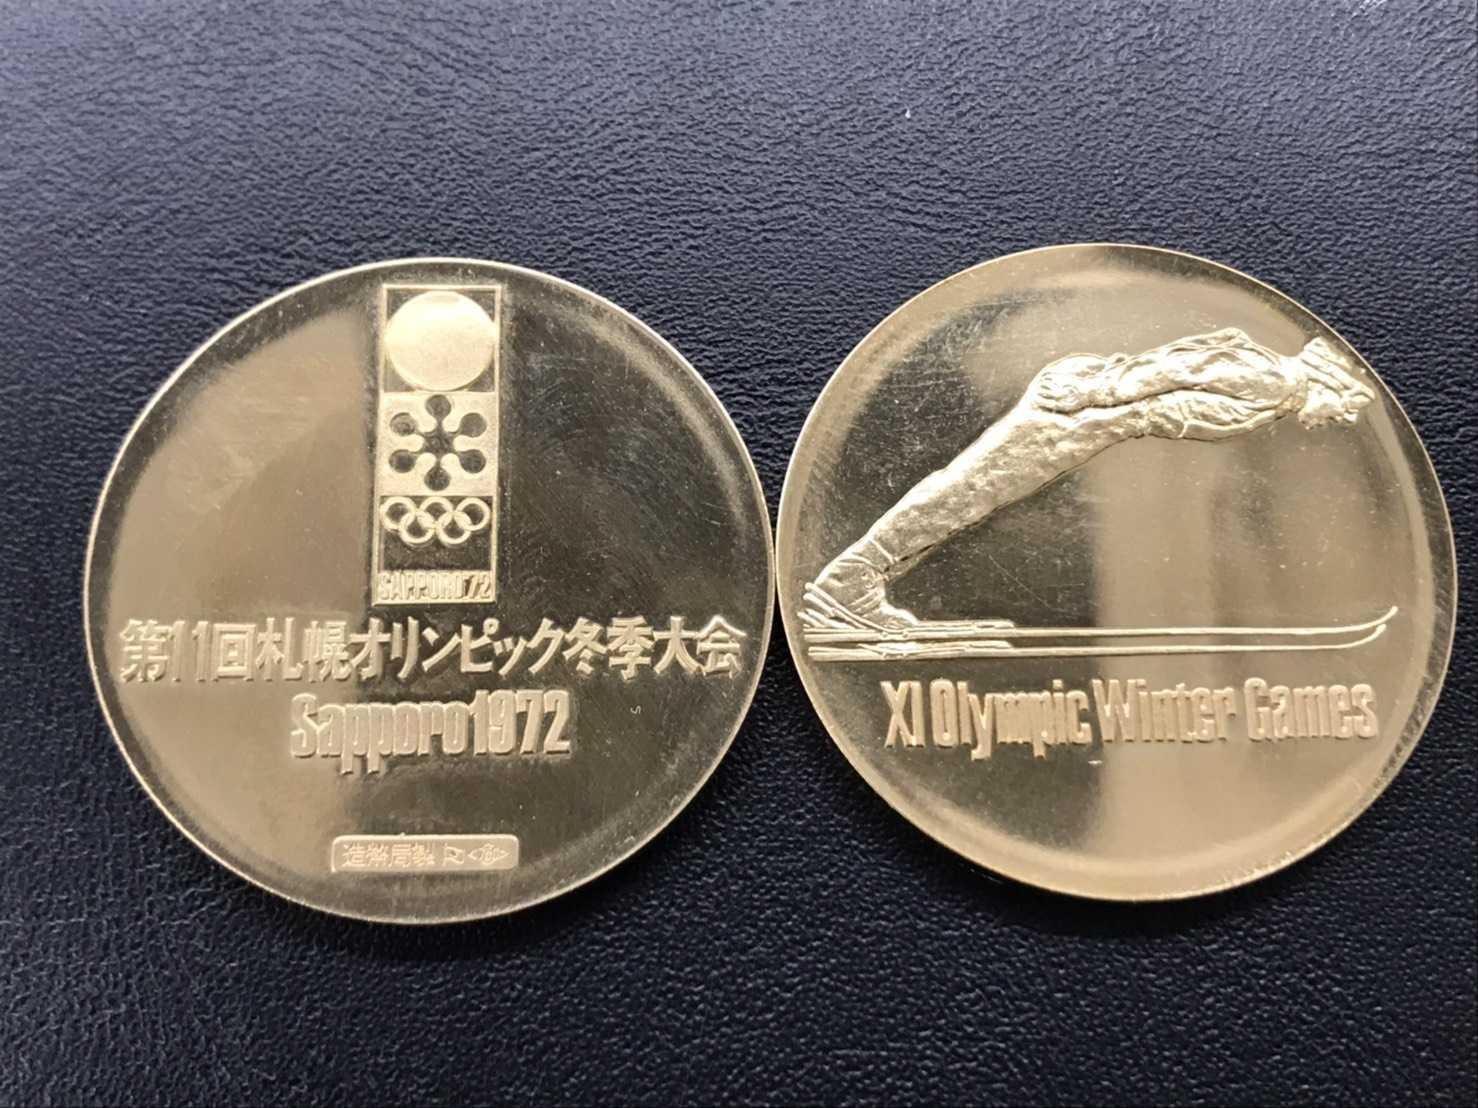 金買取 1972年札幌オリンピック記念金コイン